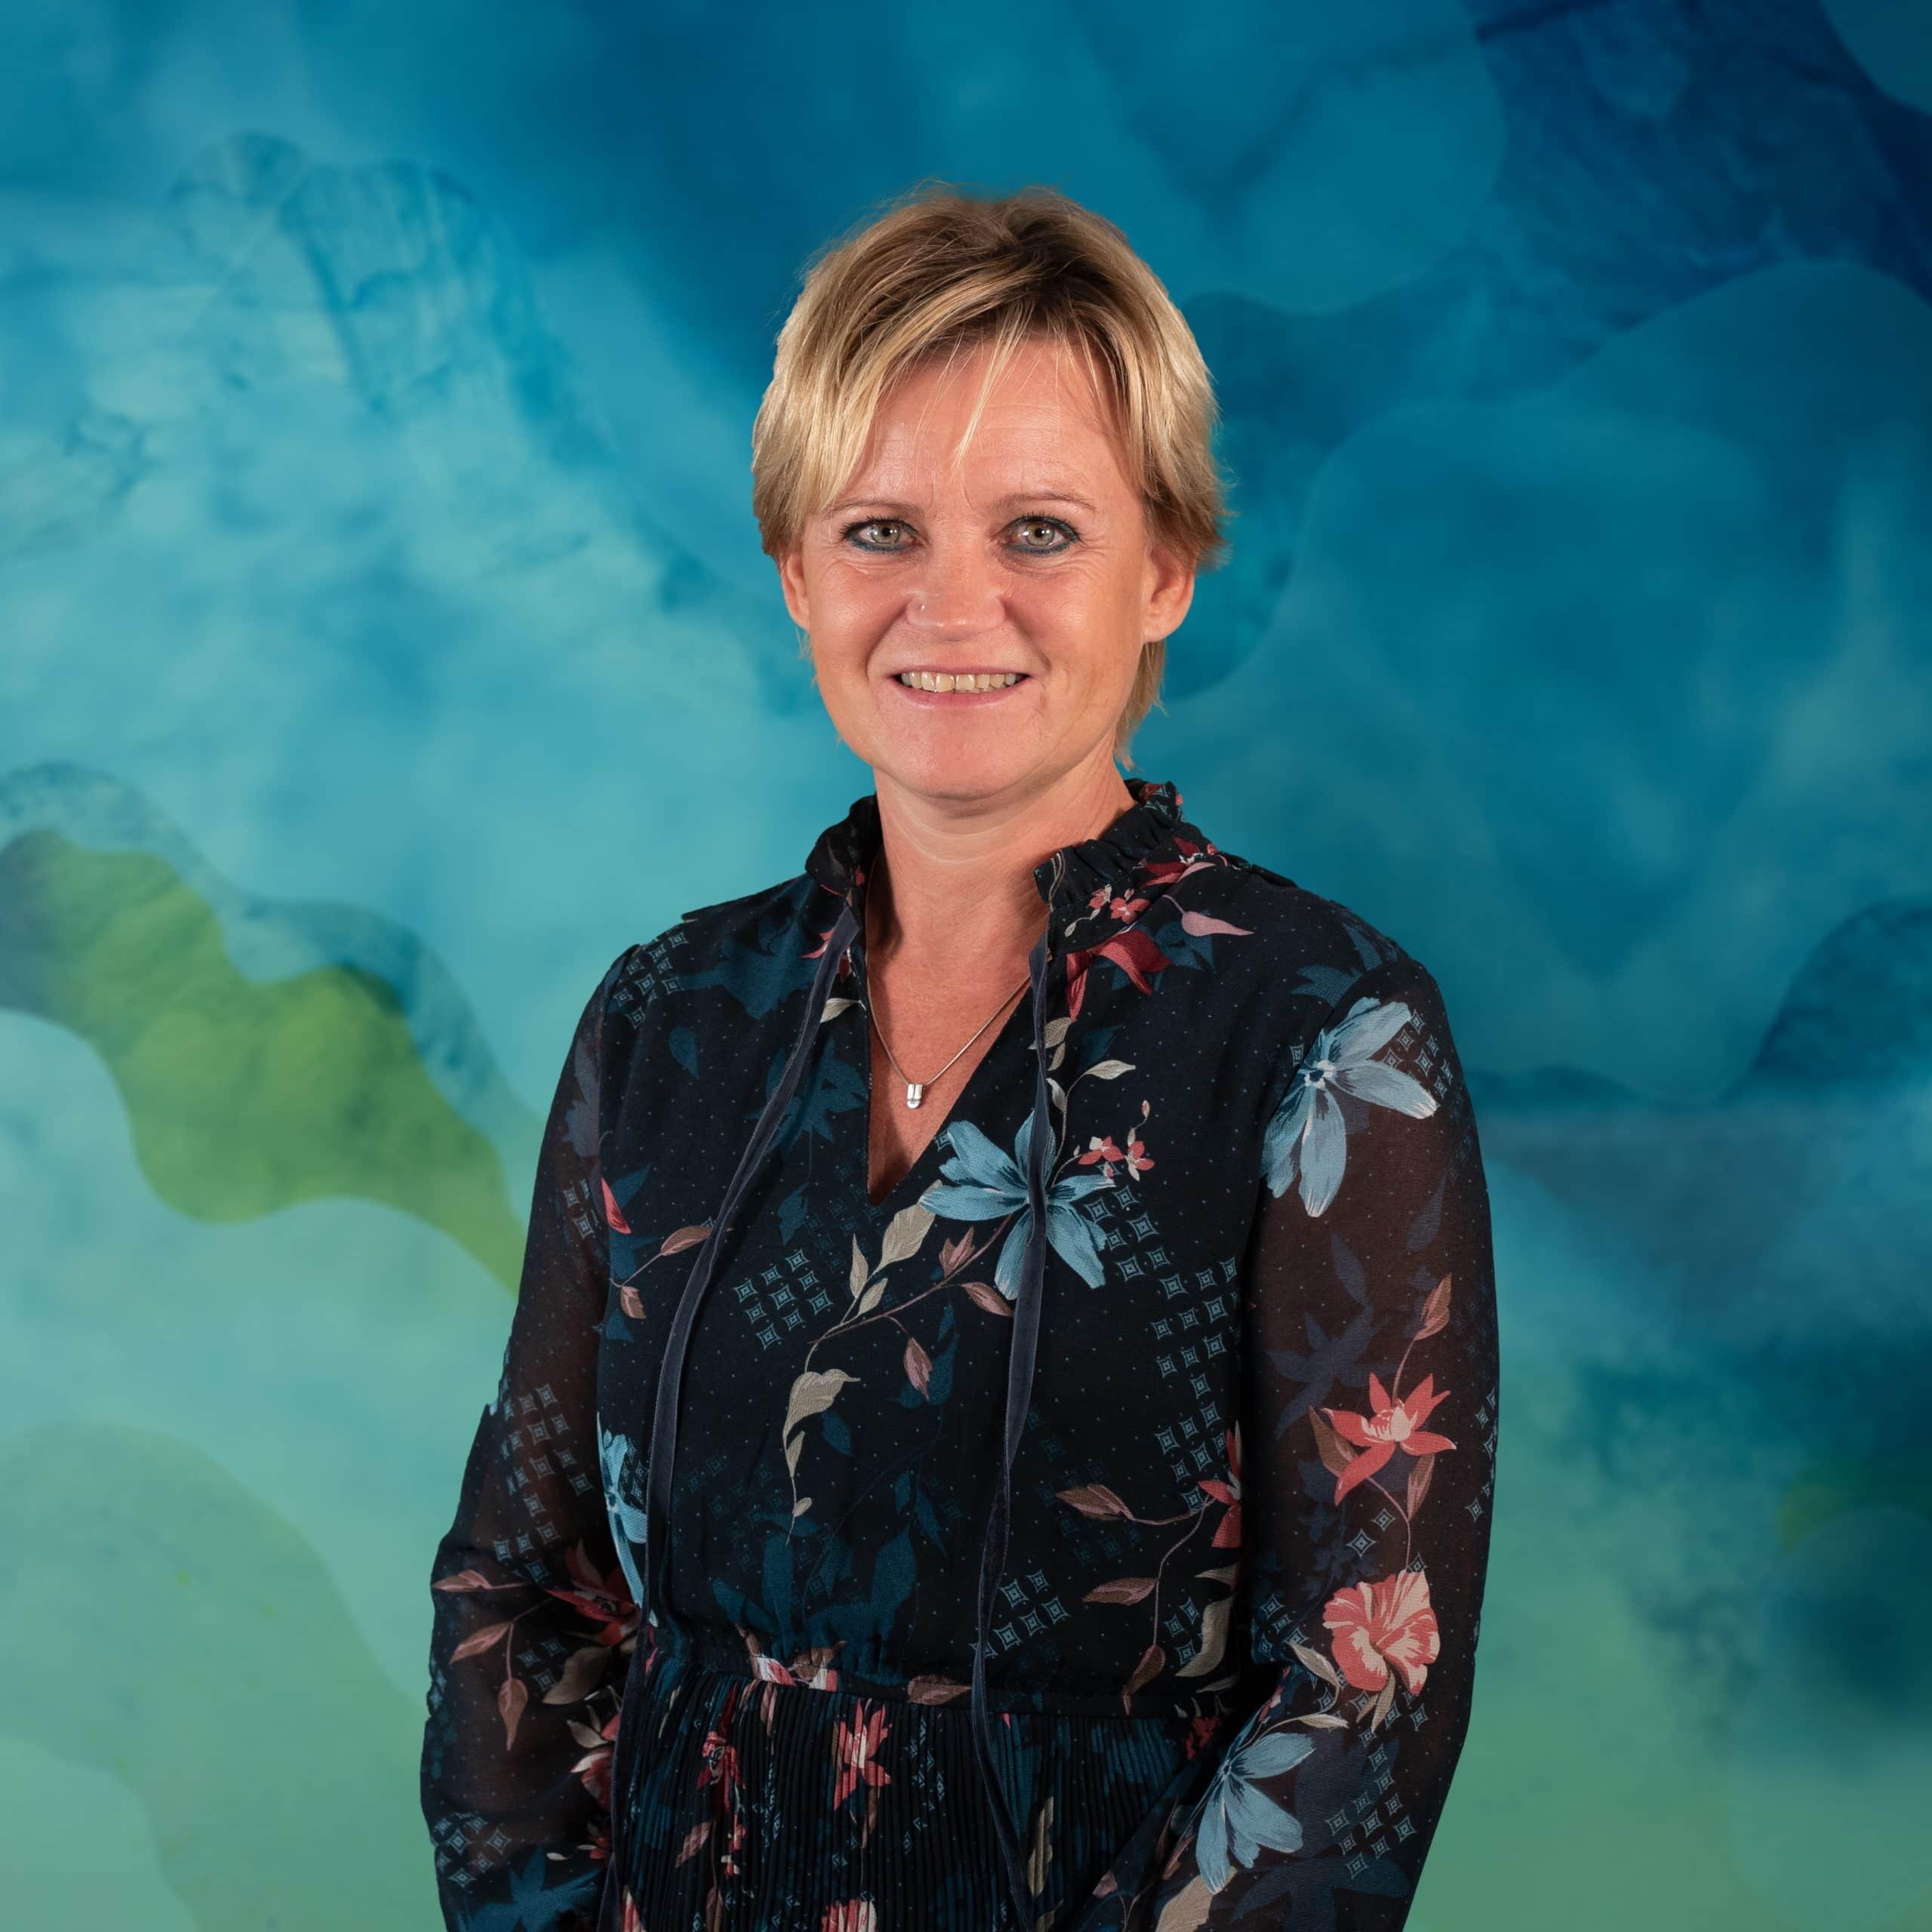 Angela Gundlach